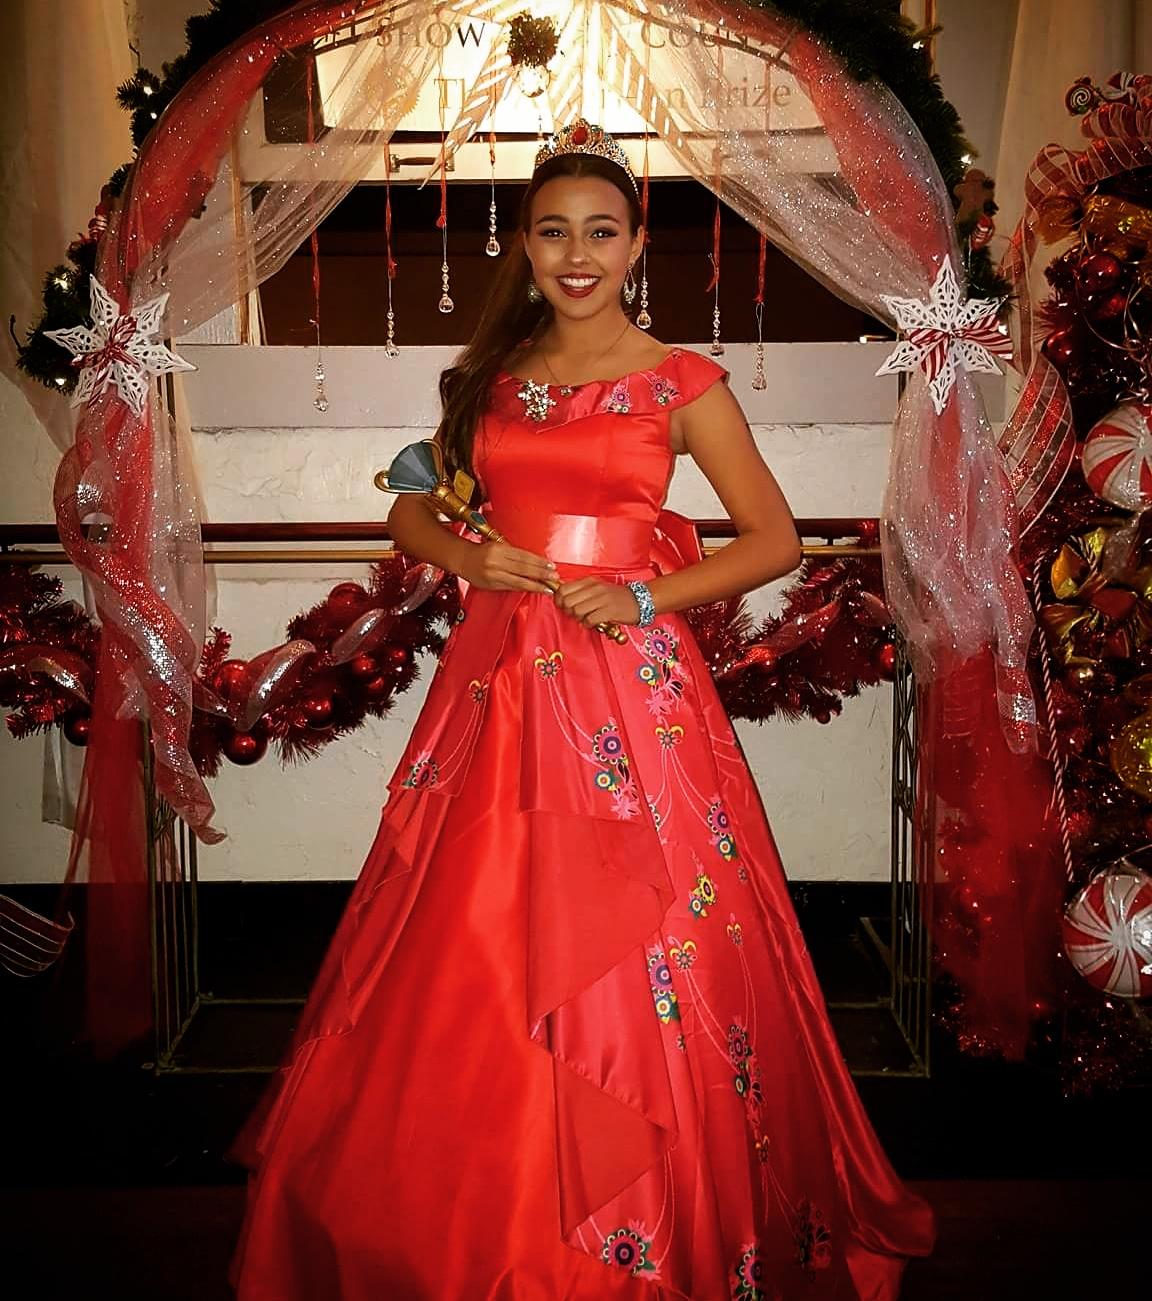 Red Princess